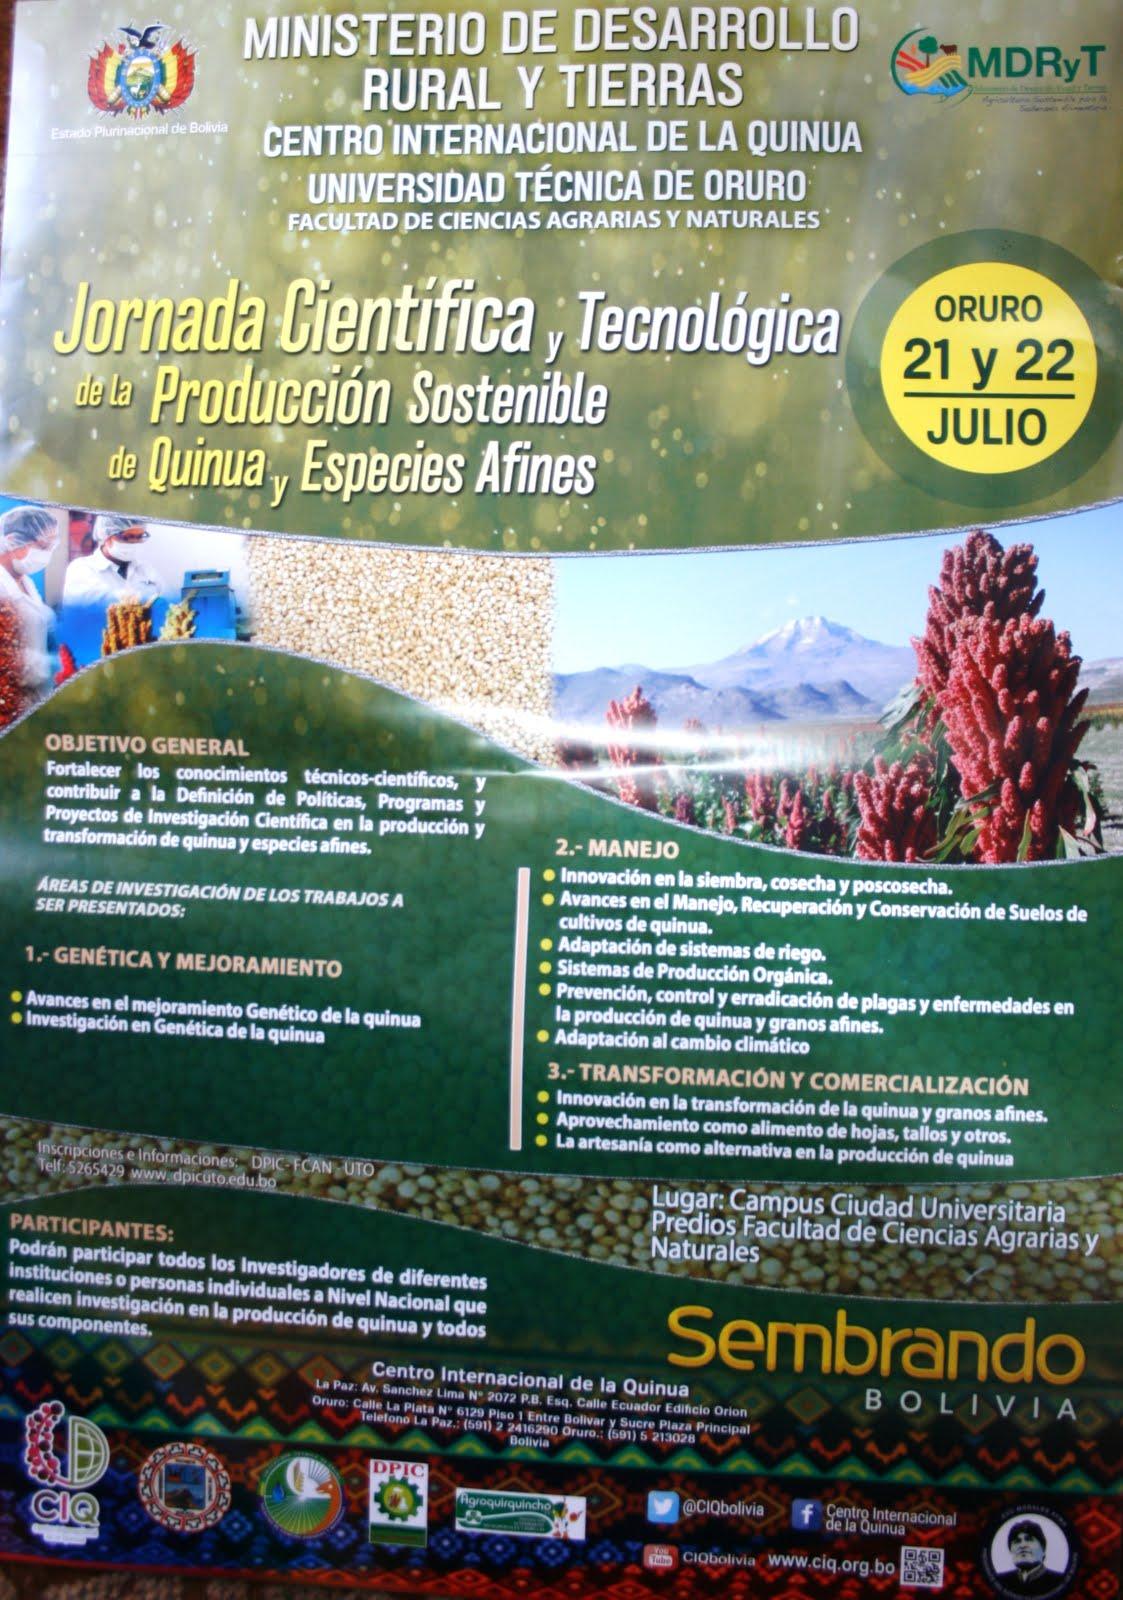 JORNADA CIENTÍFICA Y TECNOLÓGICA DE LA PRODUCCIÓN SOSTENIBLE DE QUINUA Y ESPECIES AFINES